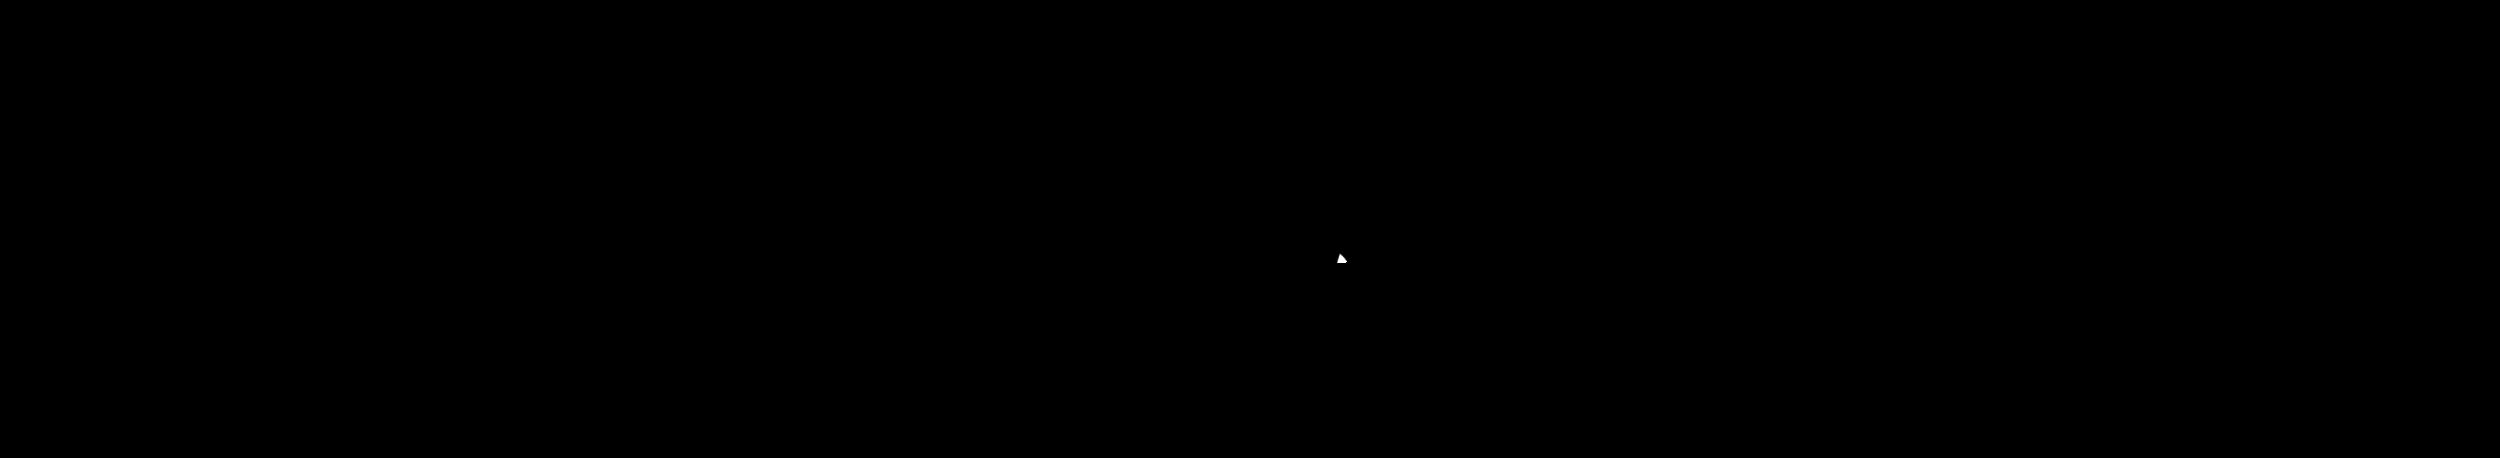 Technicolor Lenses Full Logo